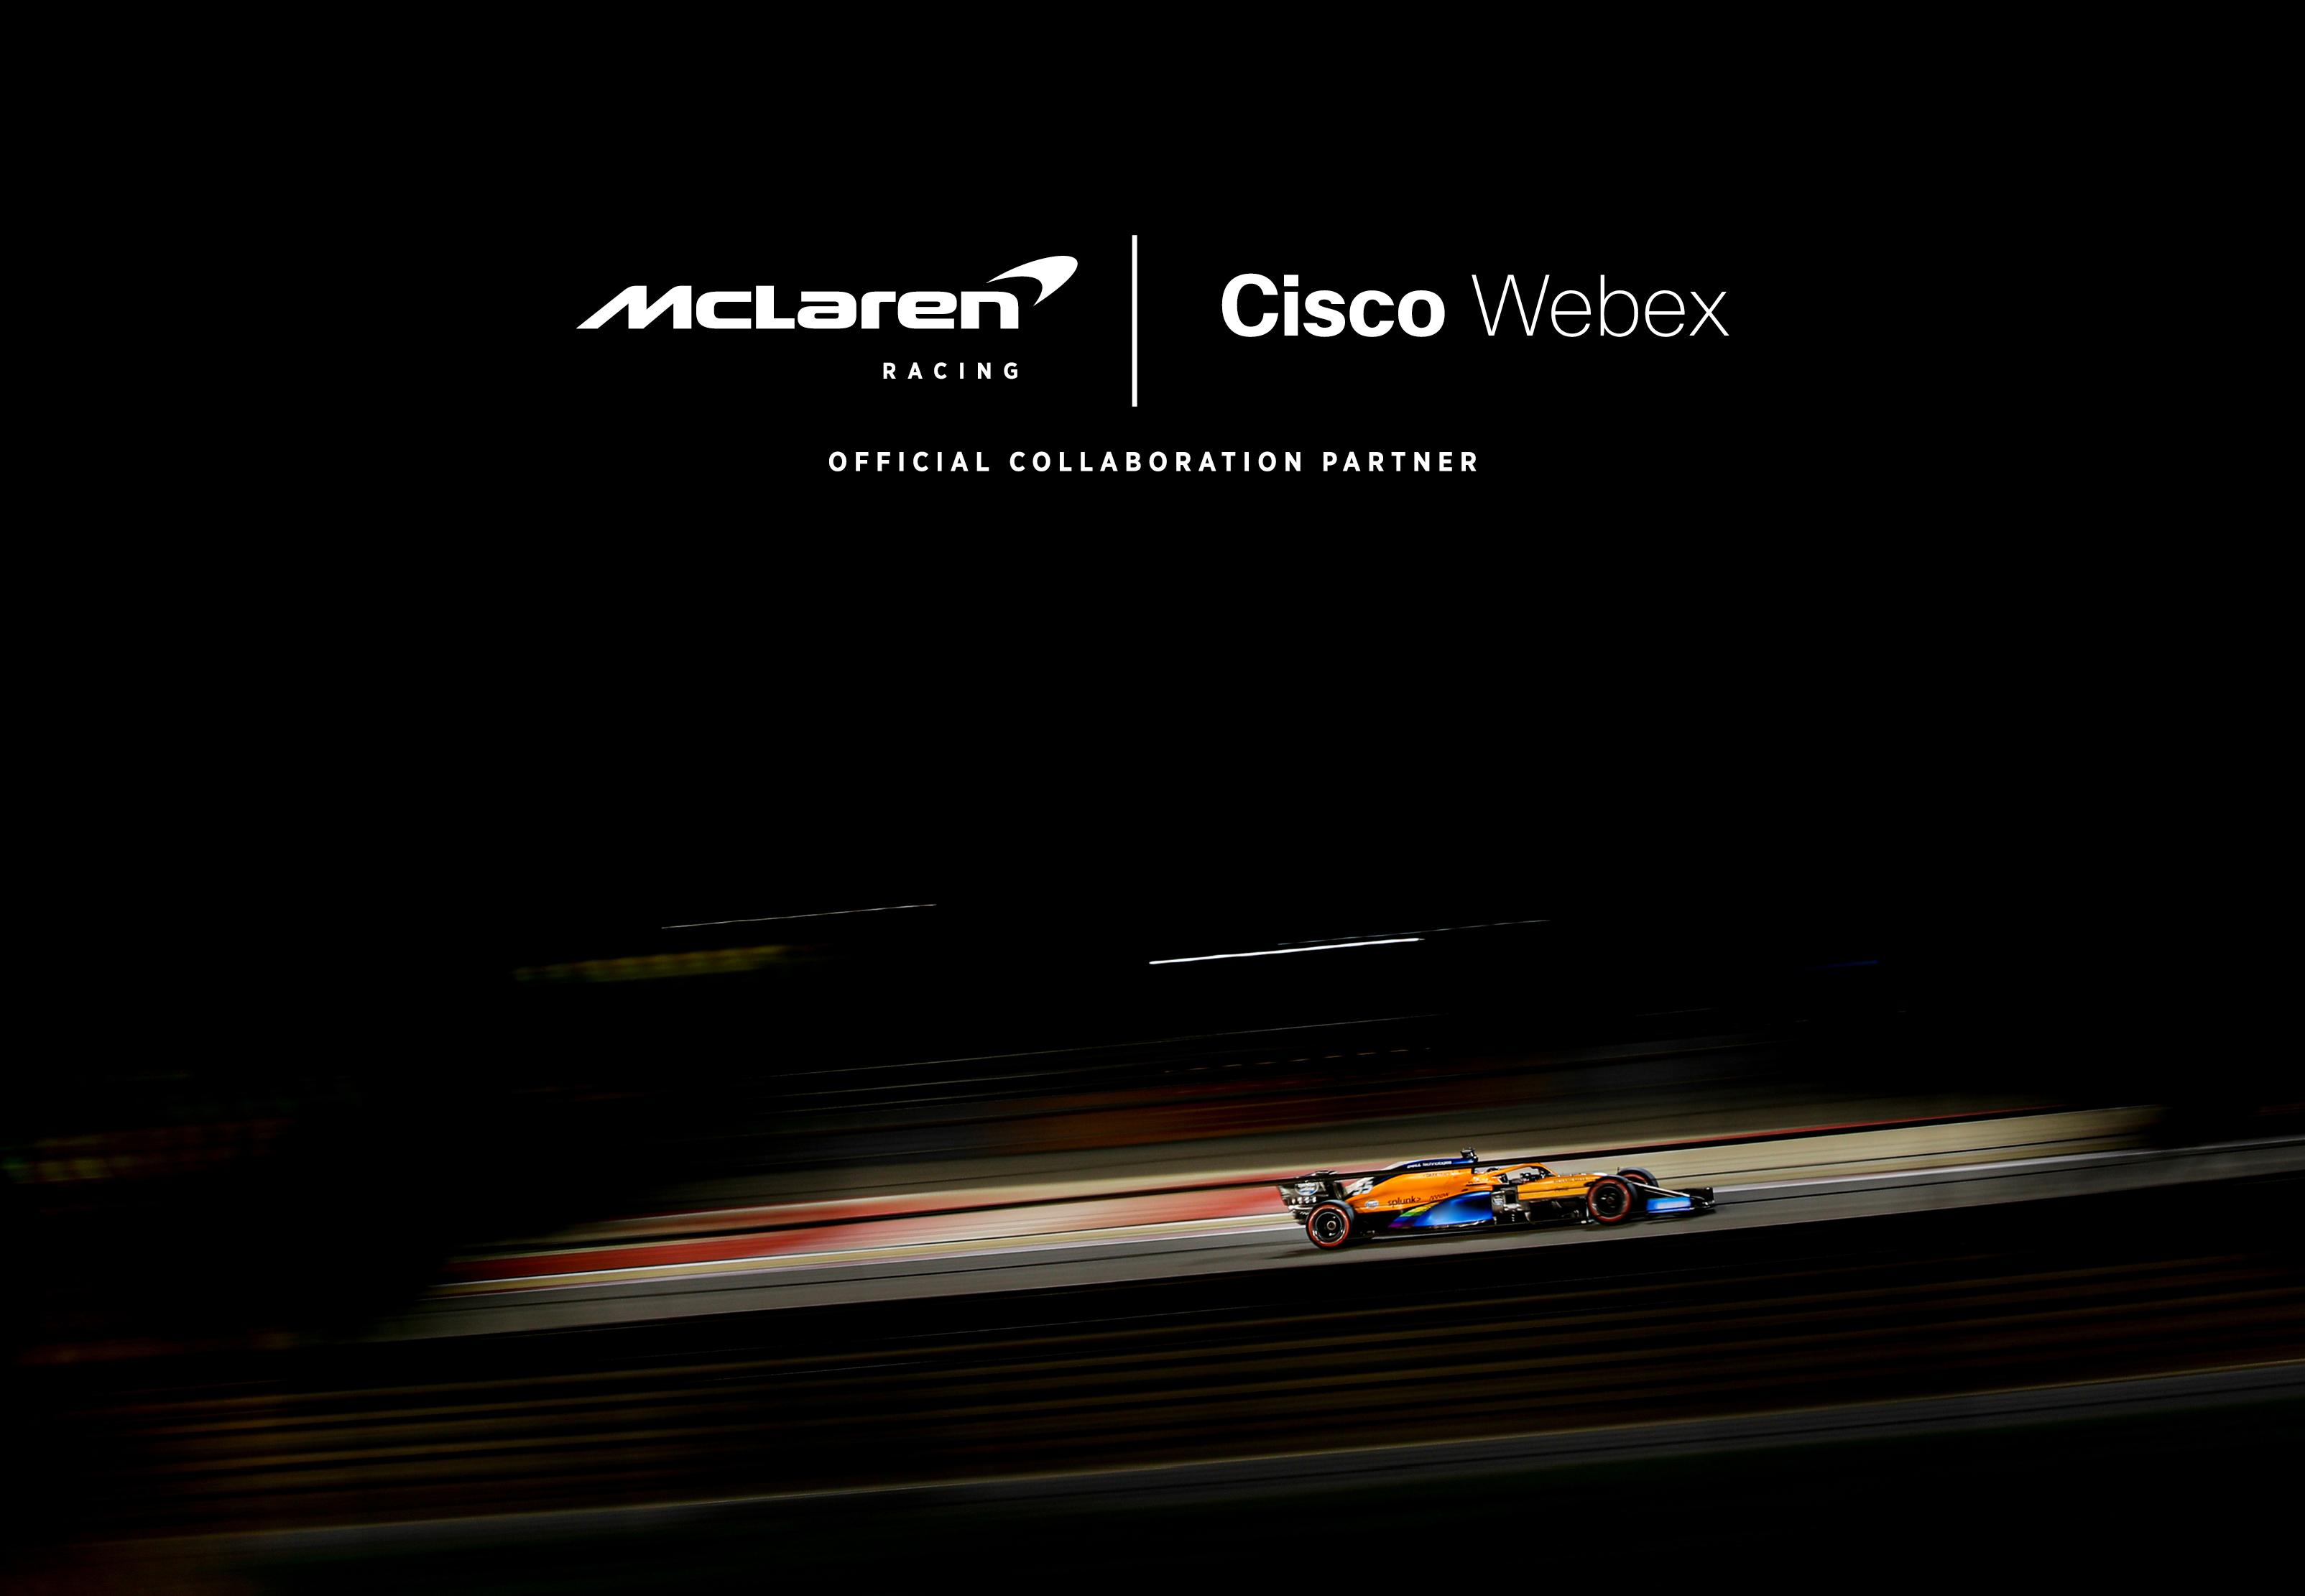 Cisco Webex oficjalnym partnerem zespołu Formuły 1 McLaren w obszarze narzędzi do współpracy i komunikacji